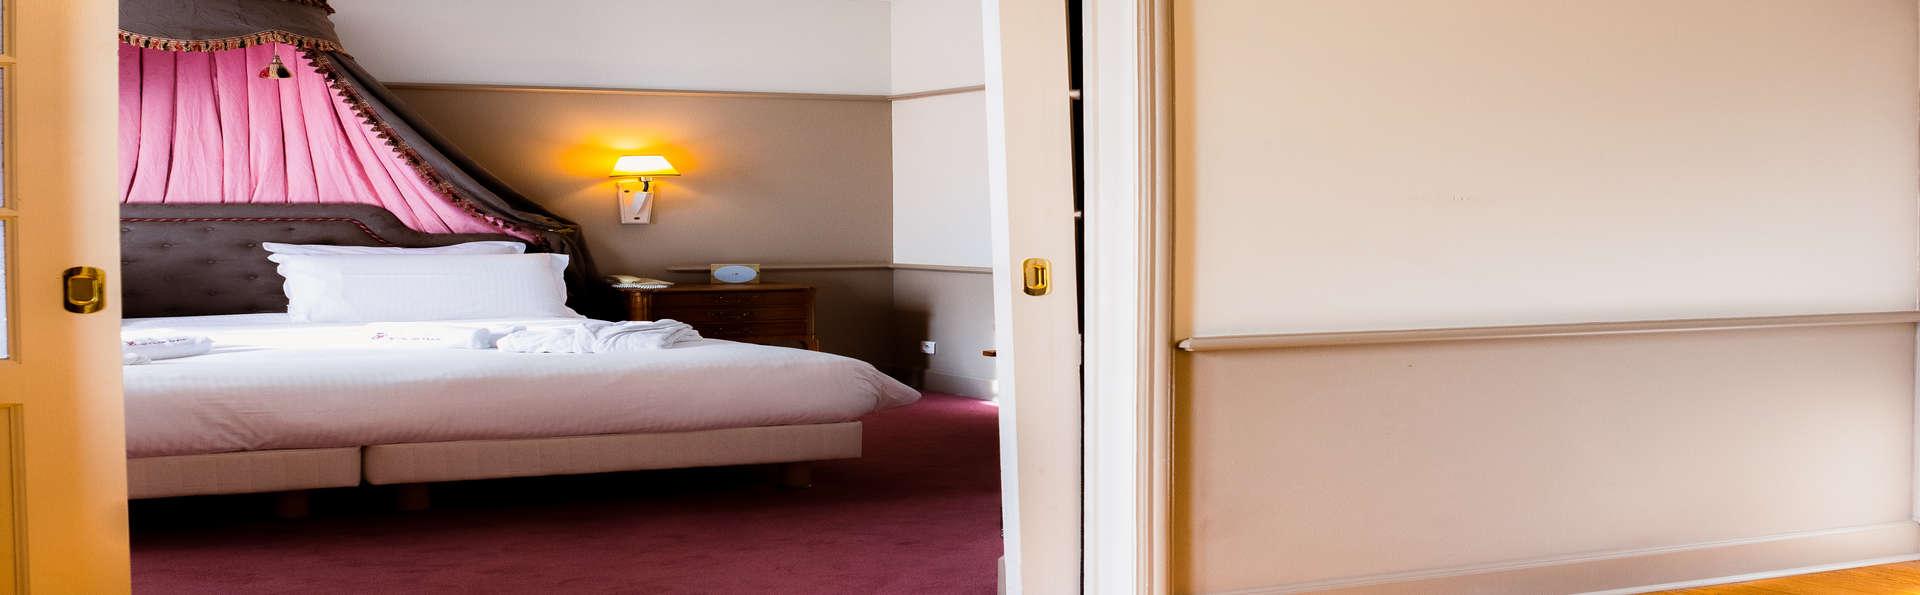 Hôtel de Paris - HoteldeParis-HD-2.jpg